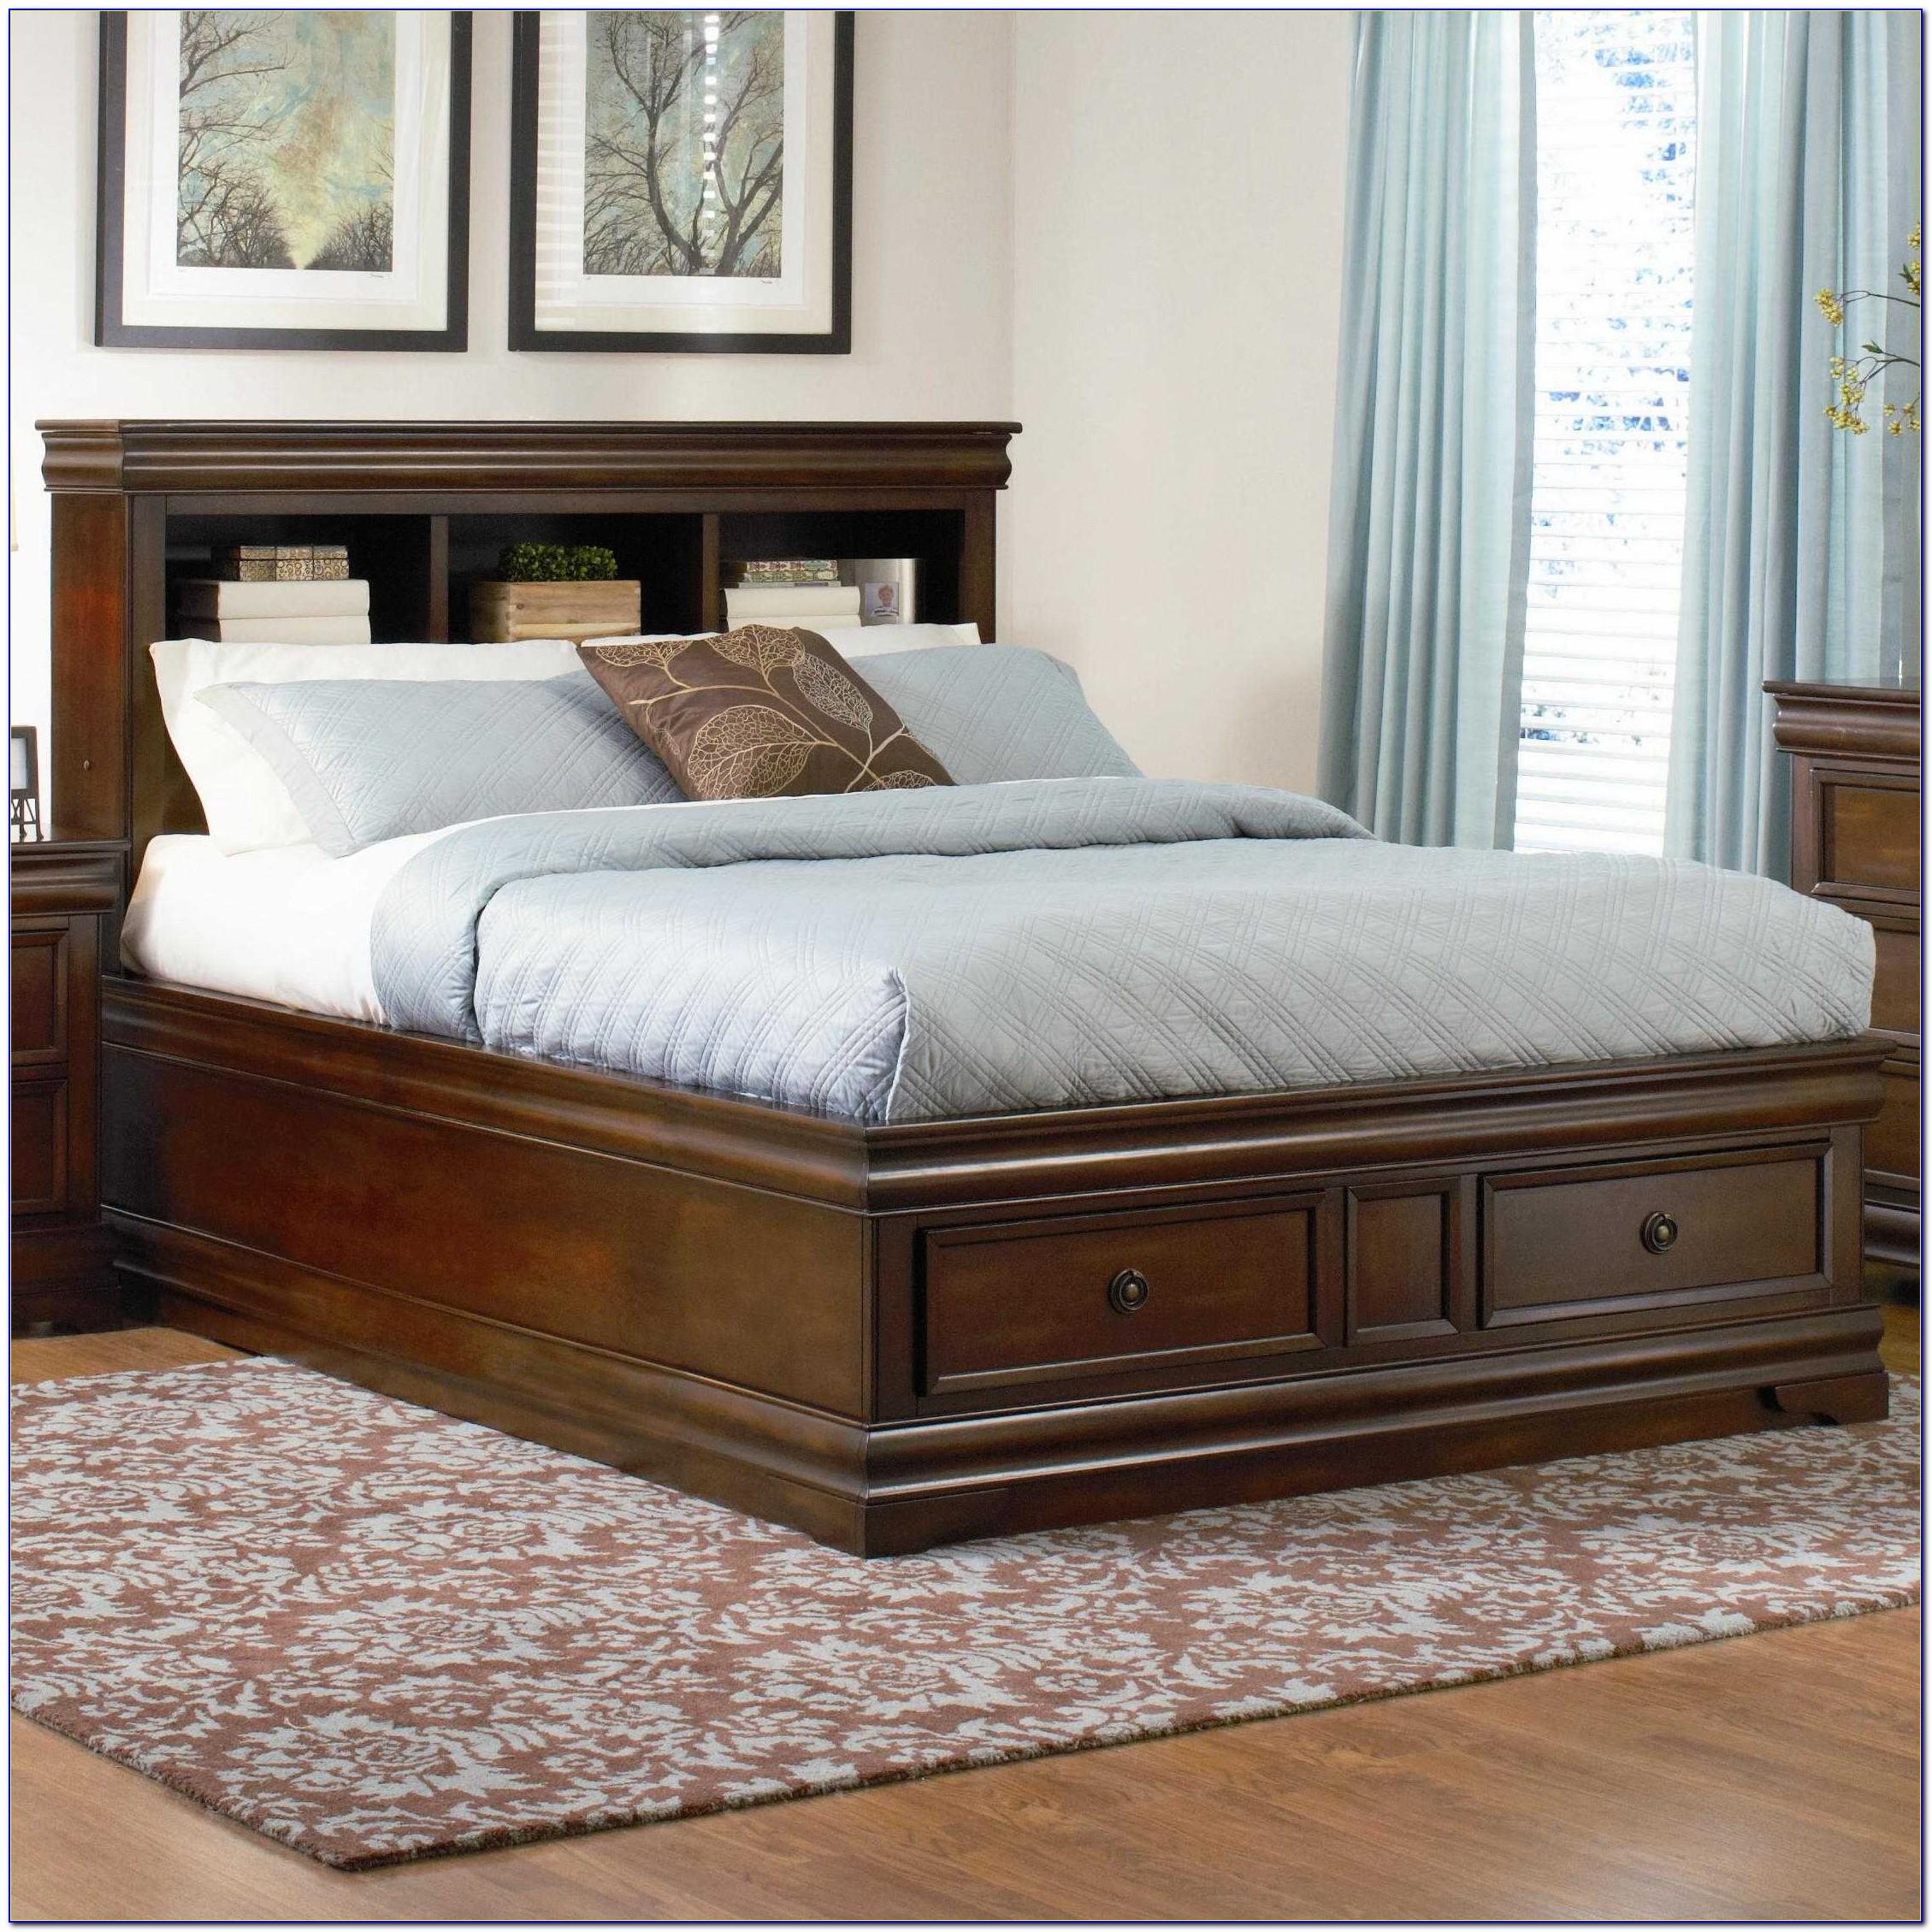 Full Size Bed Headboard Ideas